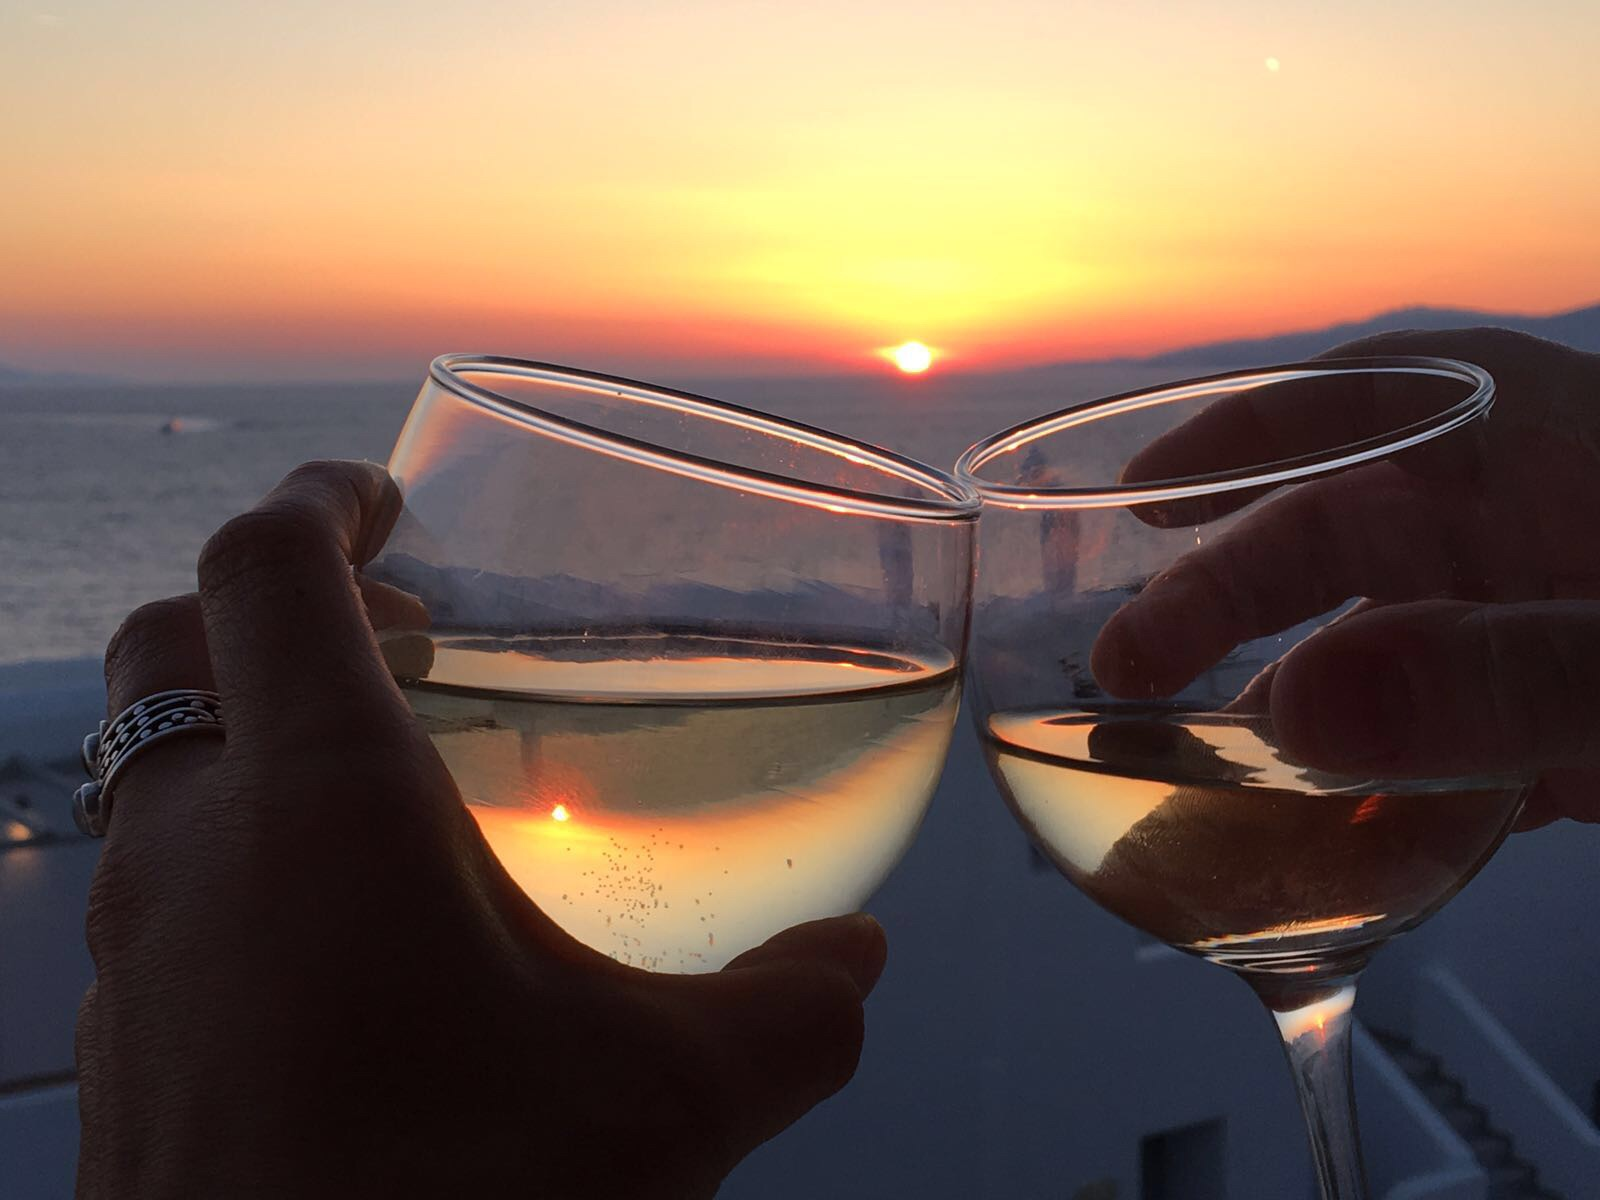 Sunset vino with Mum